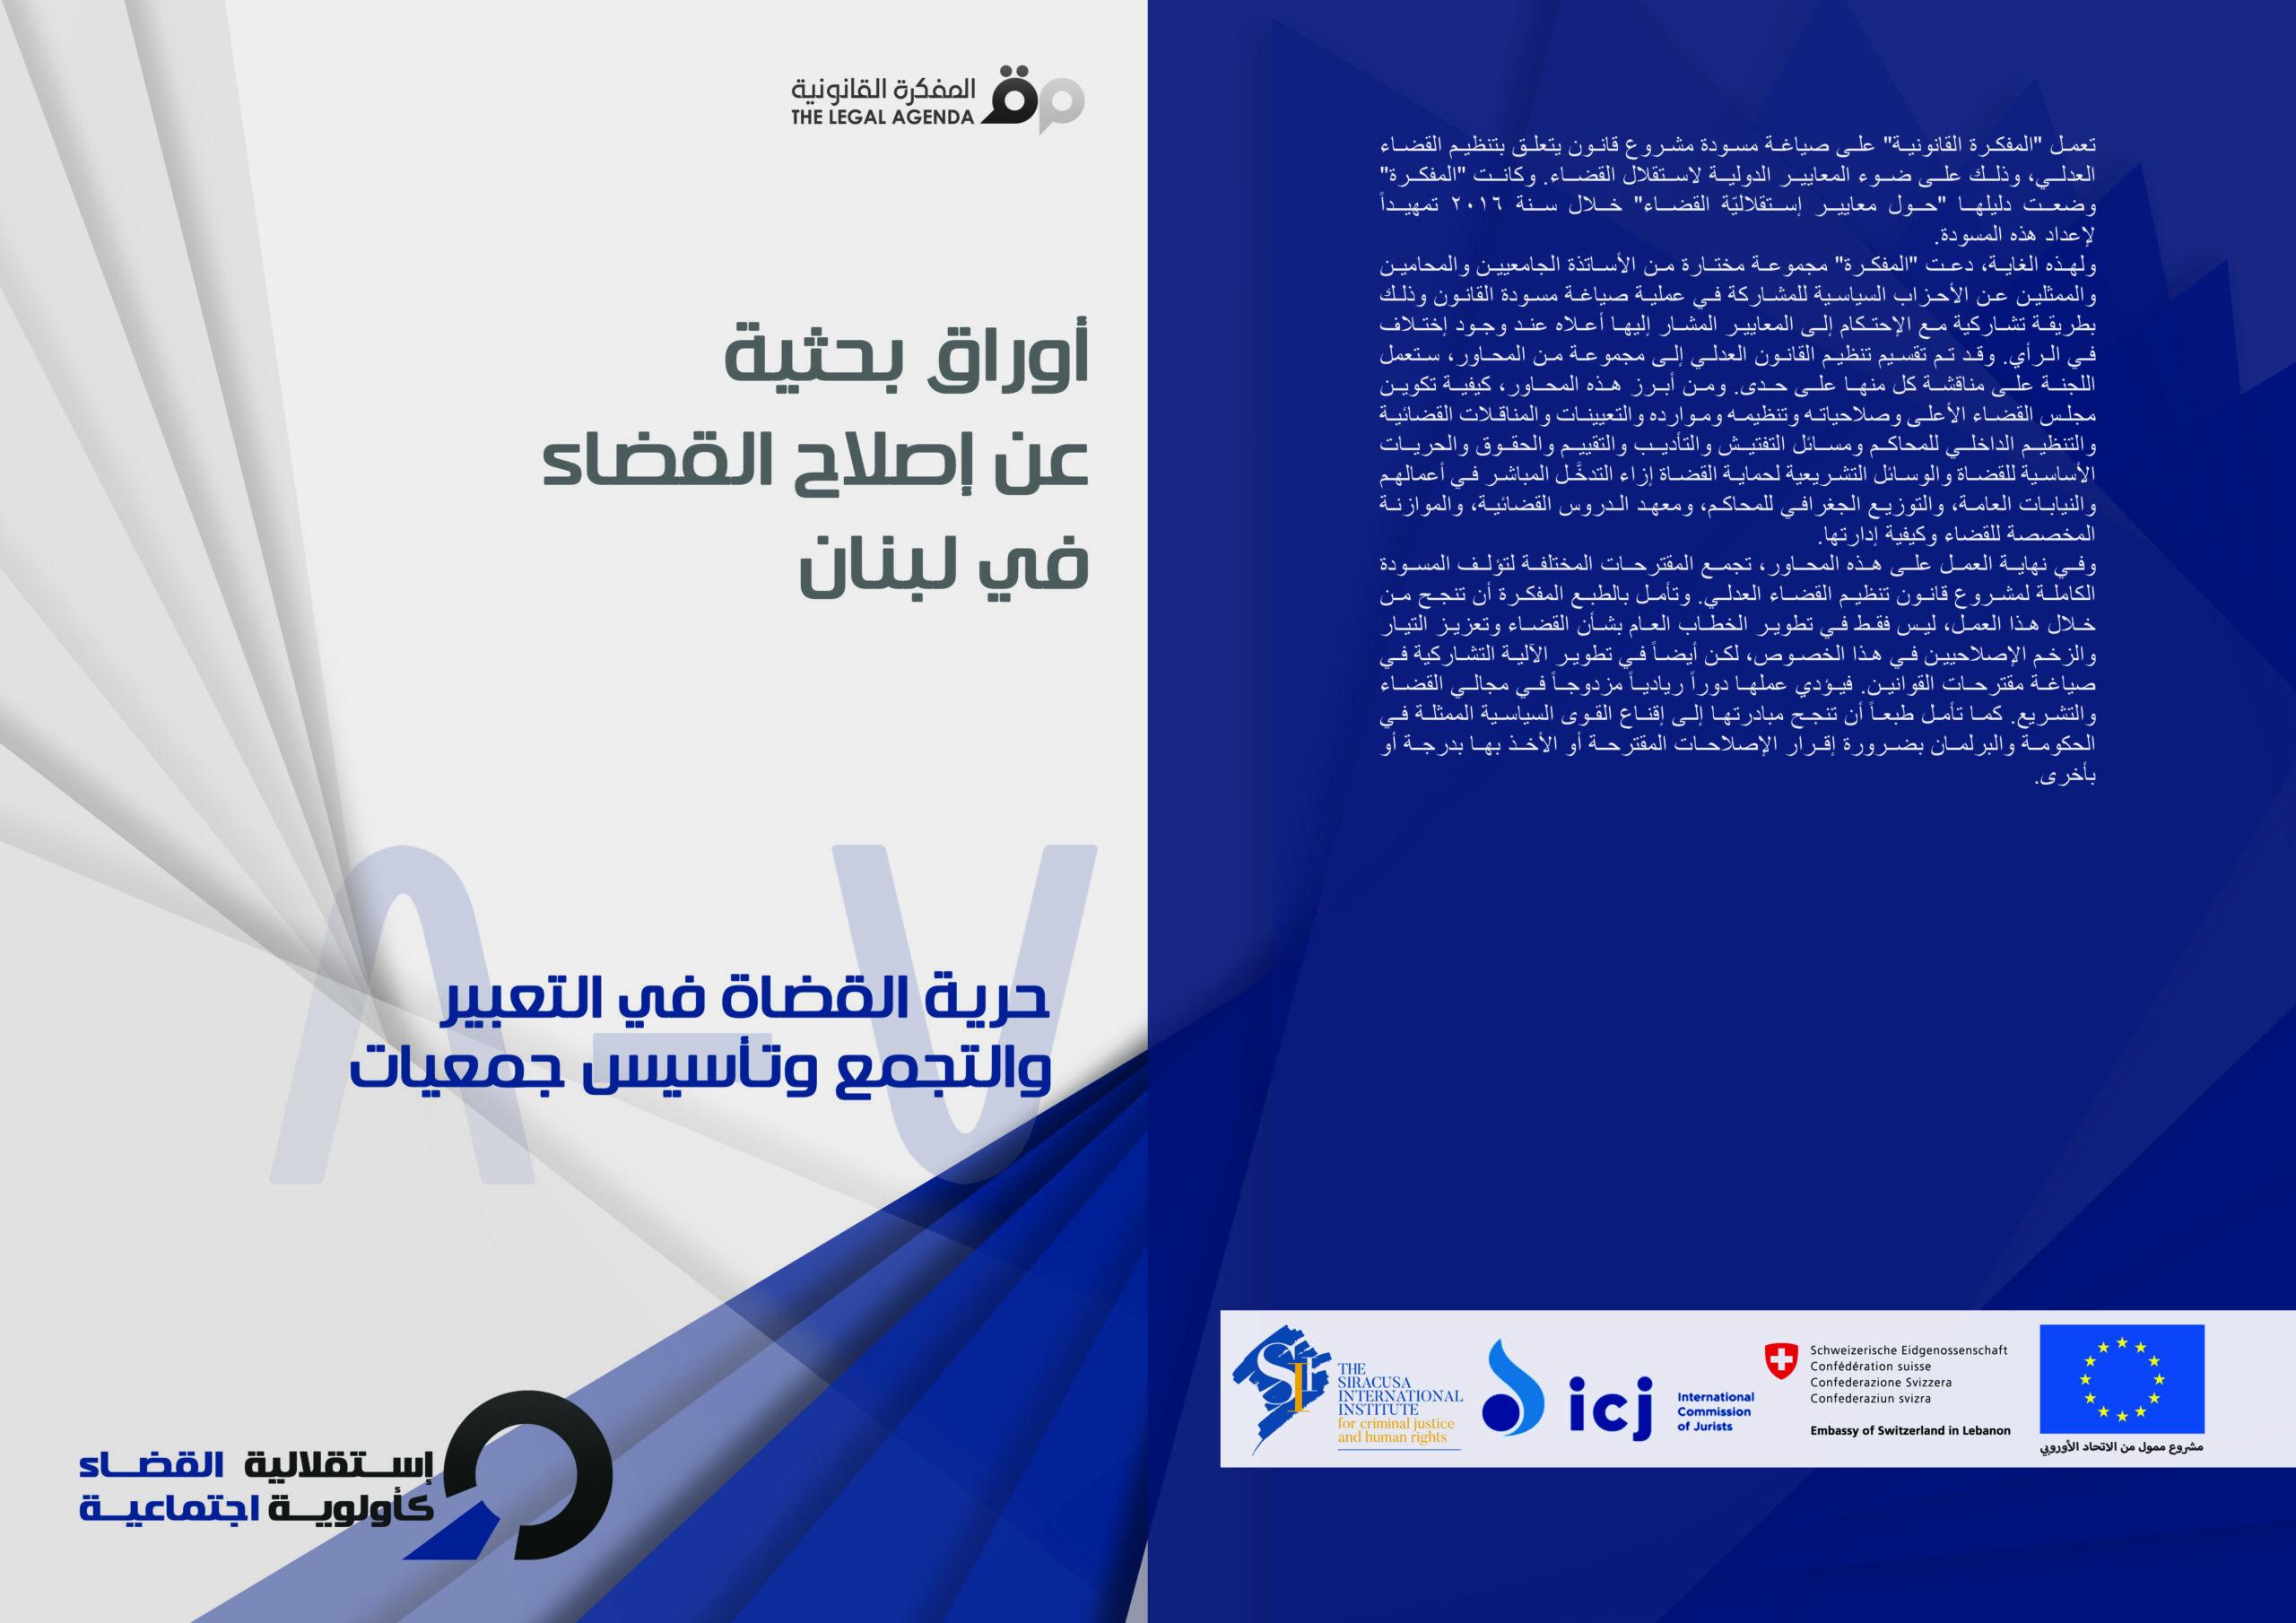 المفكرة تنشر ورقتها البحثية ال 7- 8 حول إصلاح القضاء في لبنان: حرية القضاة في التعبير والتجمع وتأسيس جمعيات